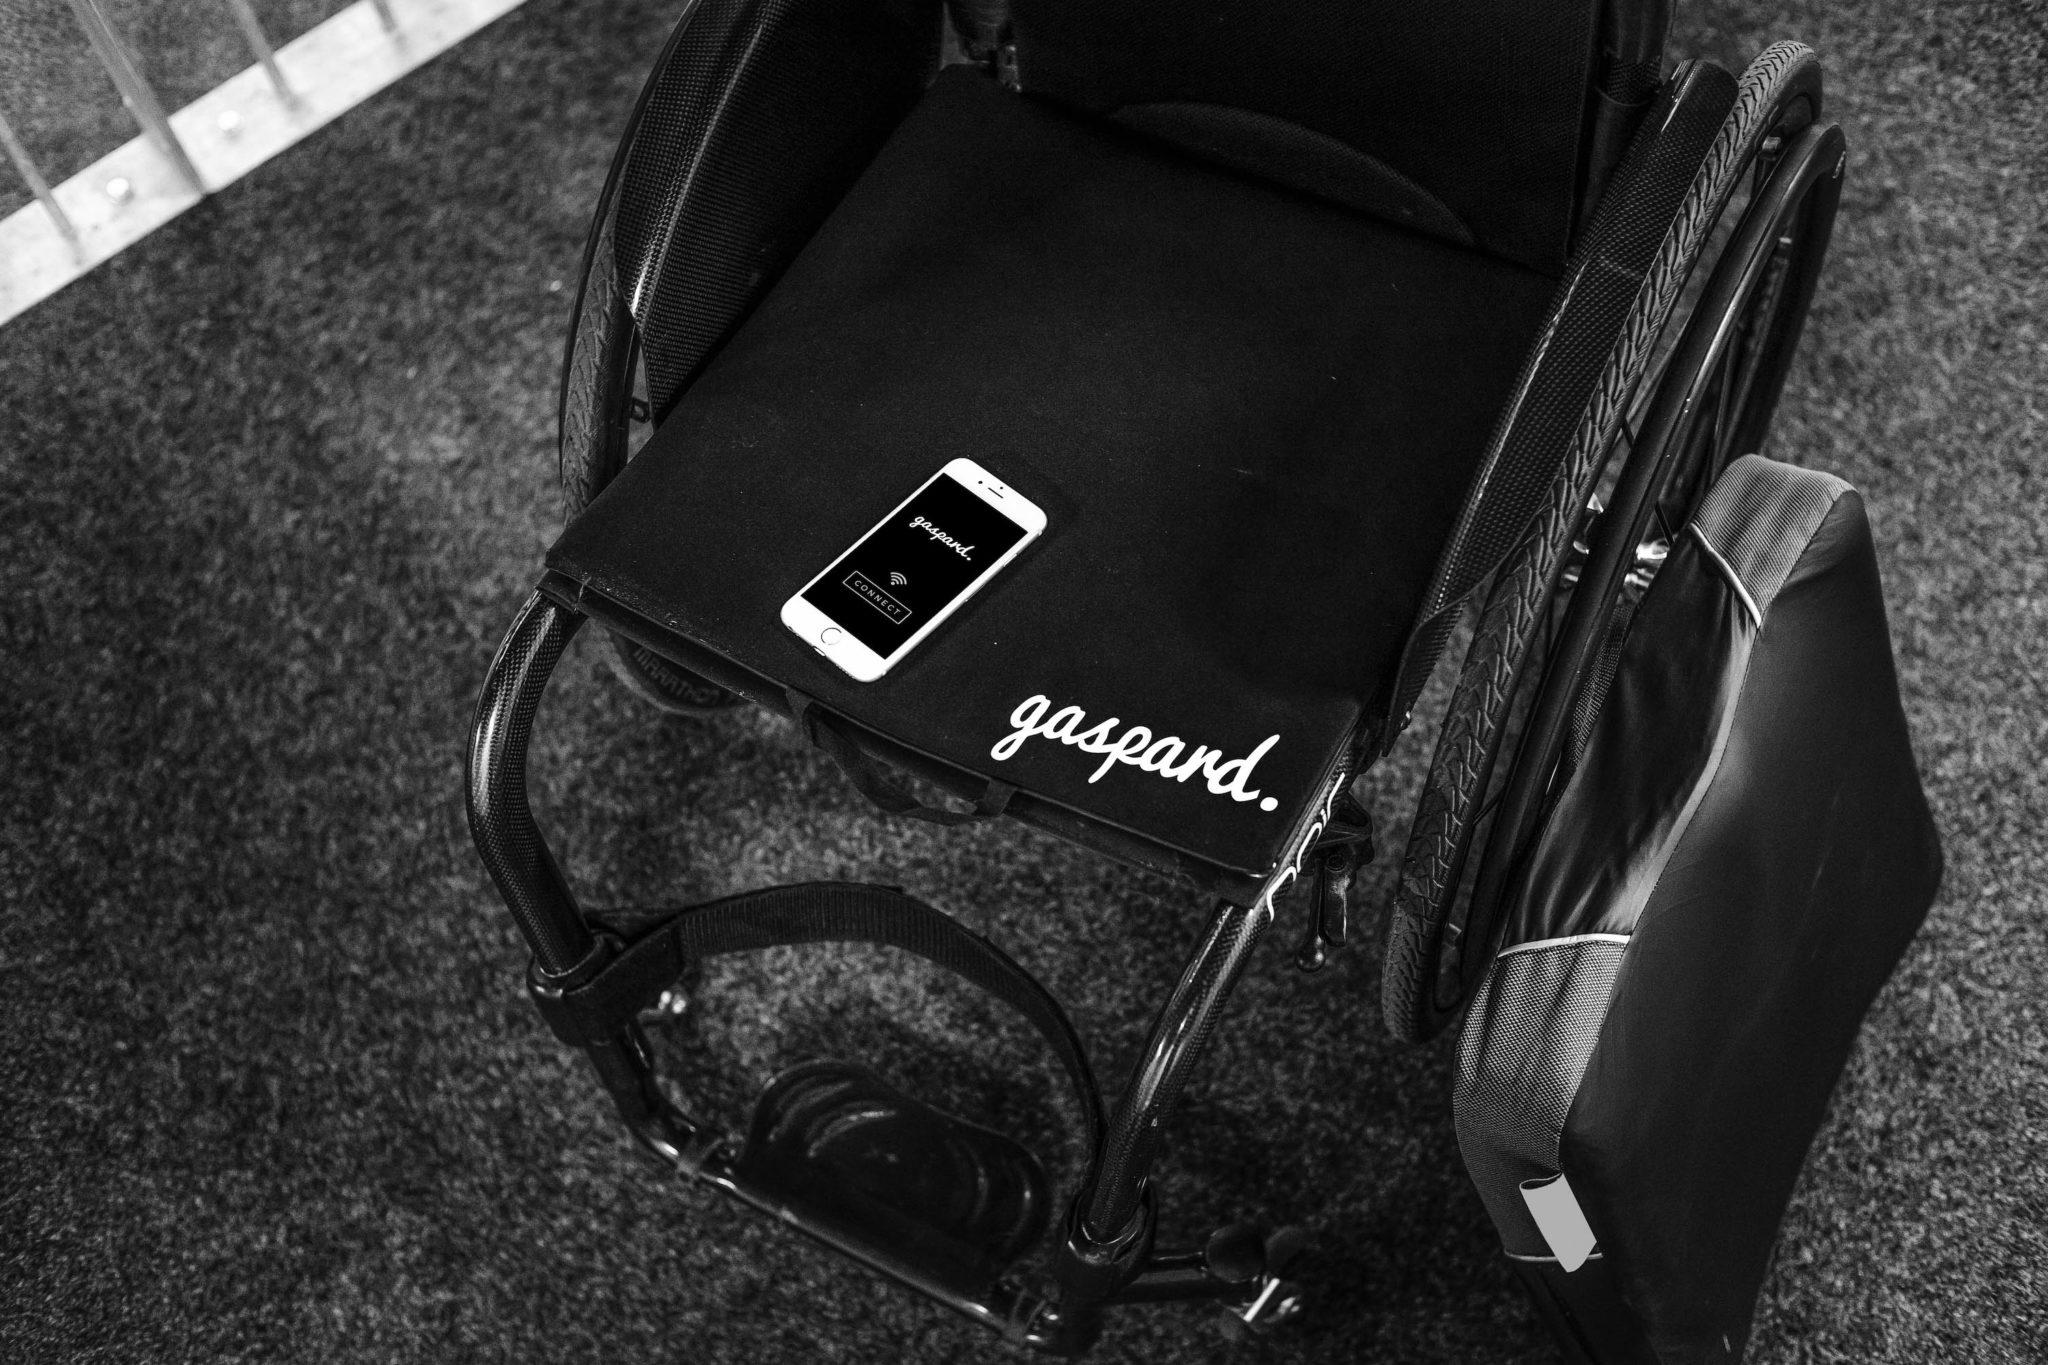 GASPARD-le-tapis-connecté-intelligent-dédié-aux-personnes-en-fauteuils-roulants-santecool